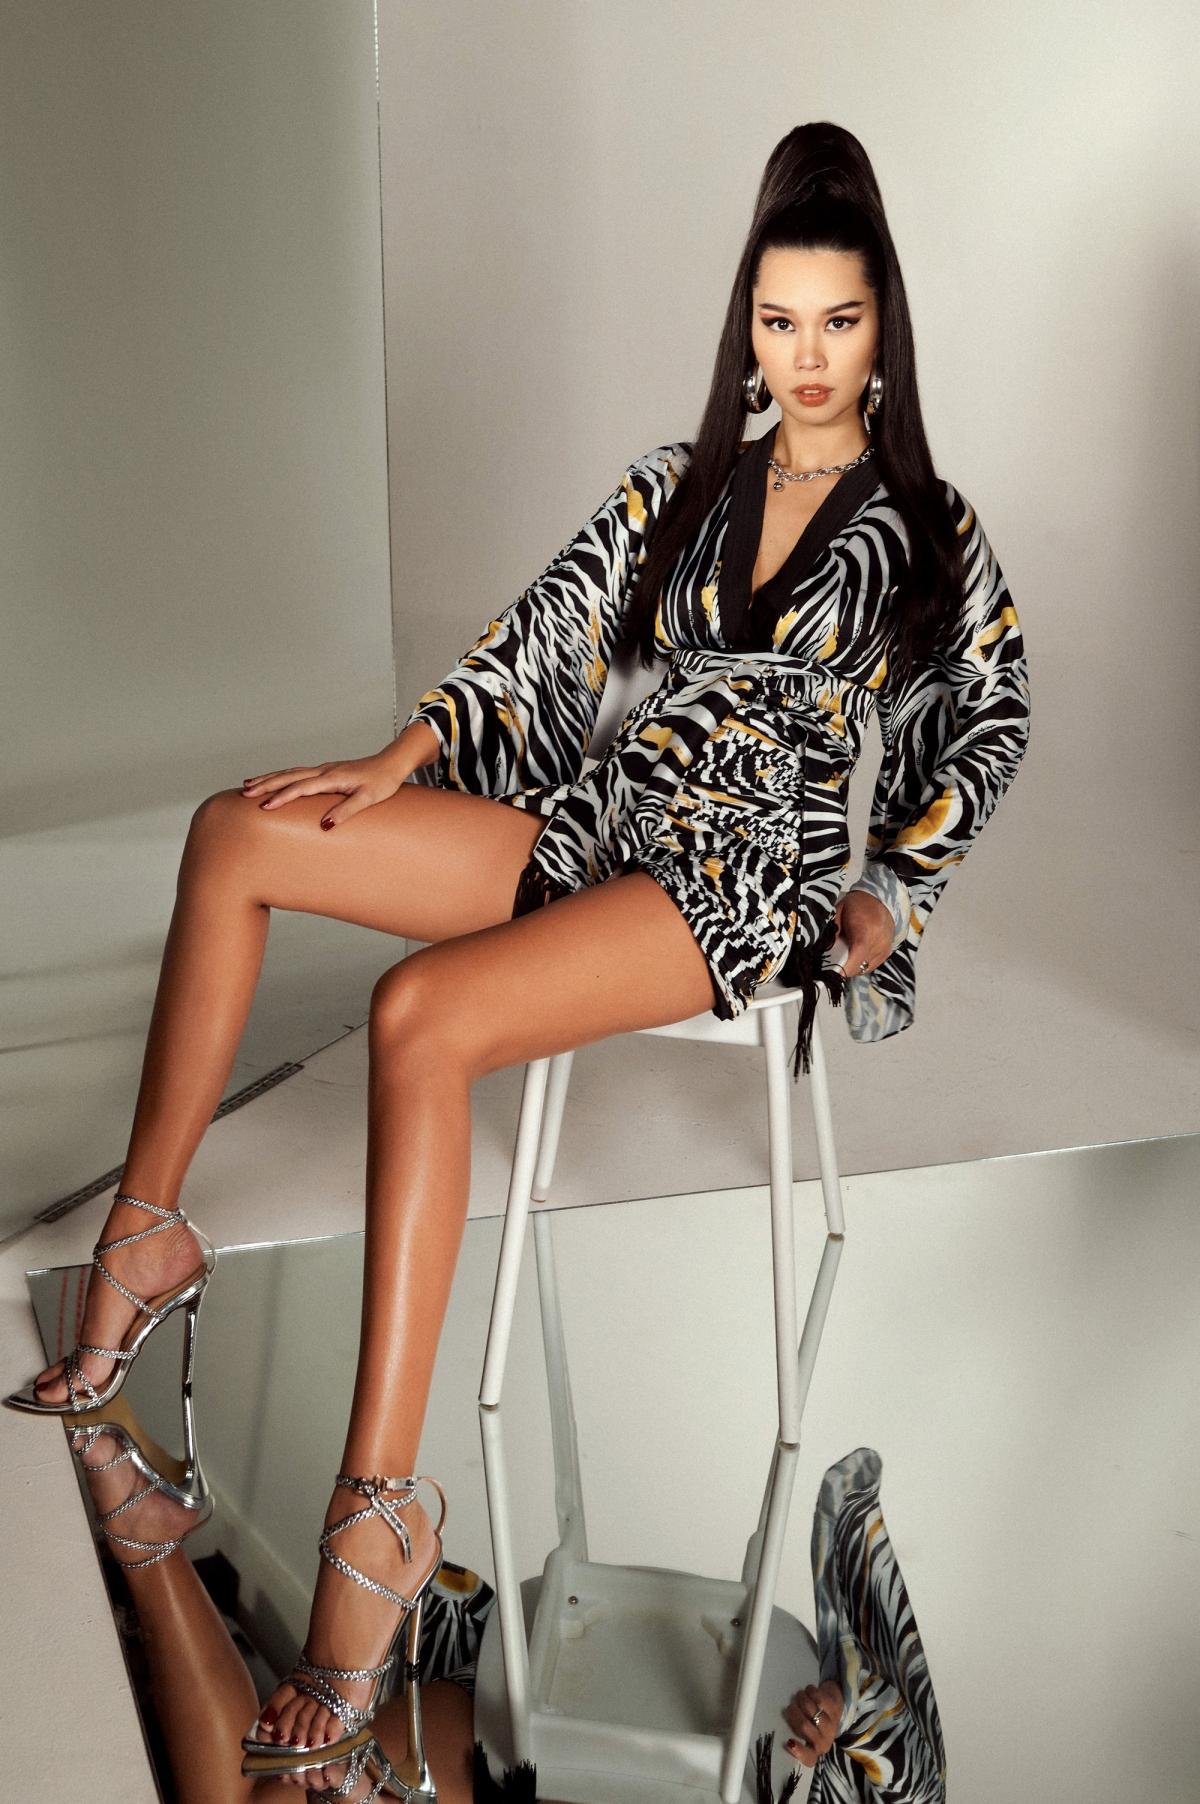 """Từ khi về Việt Nam hoạt động với vai trò người mẫu, Hà Anh xây dựng cho mình danh hiệu """"nữ hoàng sexy"""", """"nữ hoàng bikini"""" của làng thời trang. Cô sở hữu thân hình với ba vòng lý tưởng và thần thái lạnh lùng, quyến rũ. Chưa có bất cứ người mẫu nào chụp ảnh bikini nhiều như Hà Anh."""